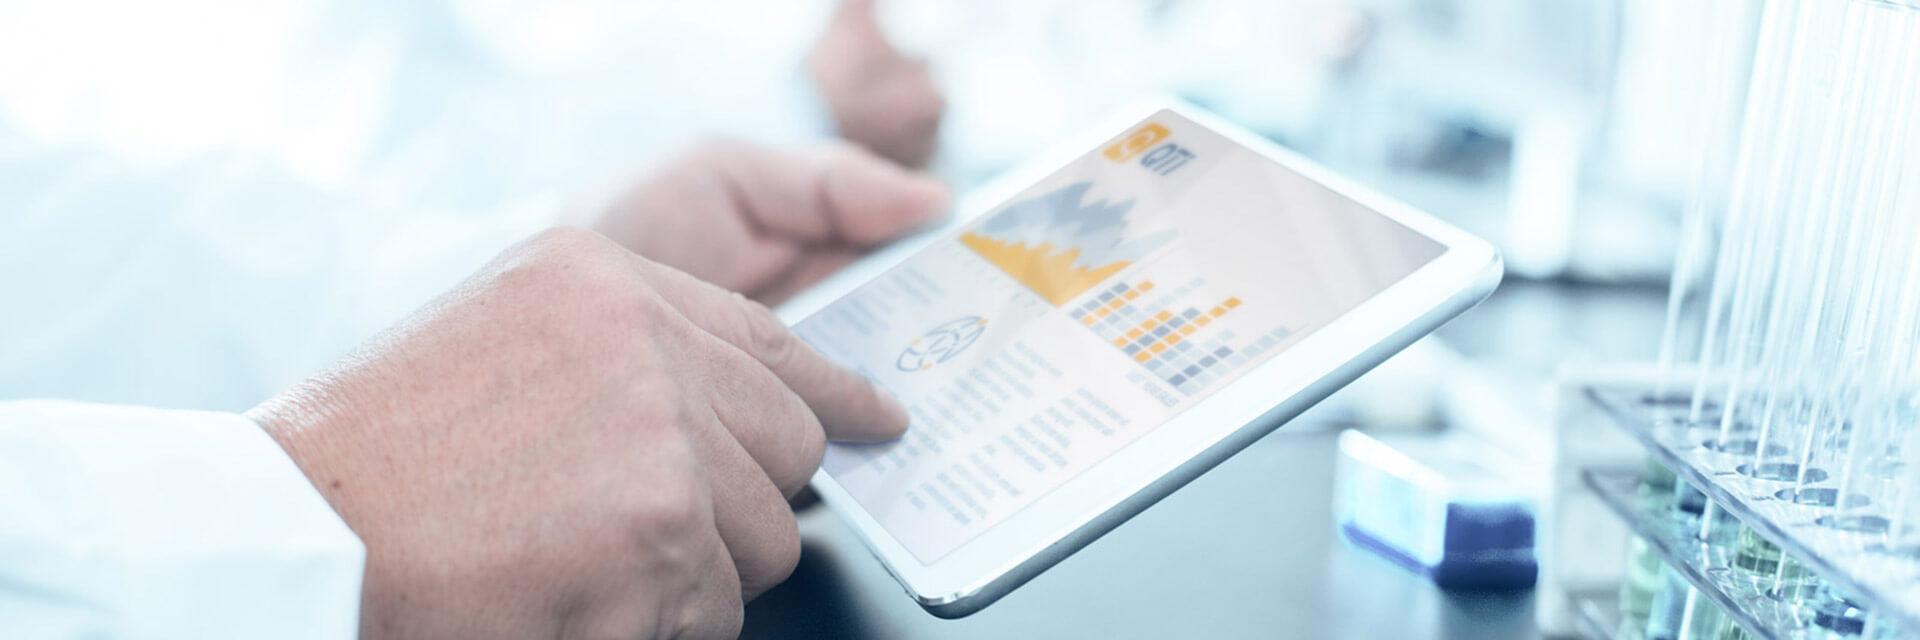 tablet con estadísticas de QTI cualificaciones